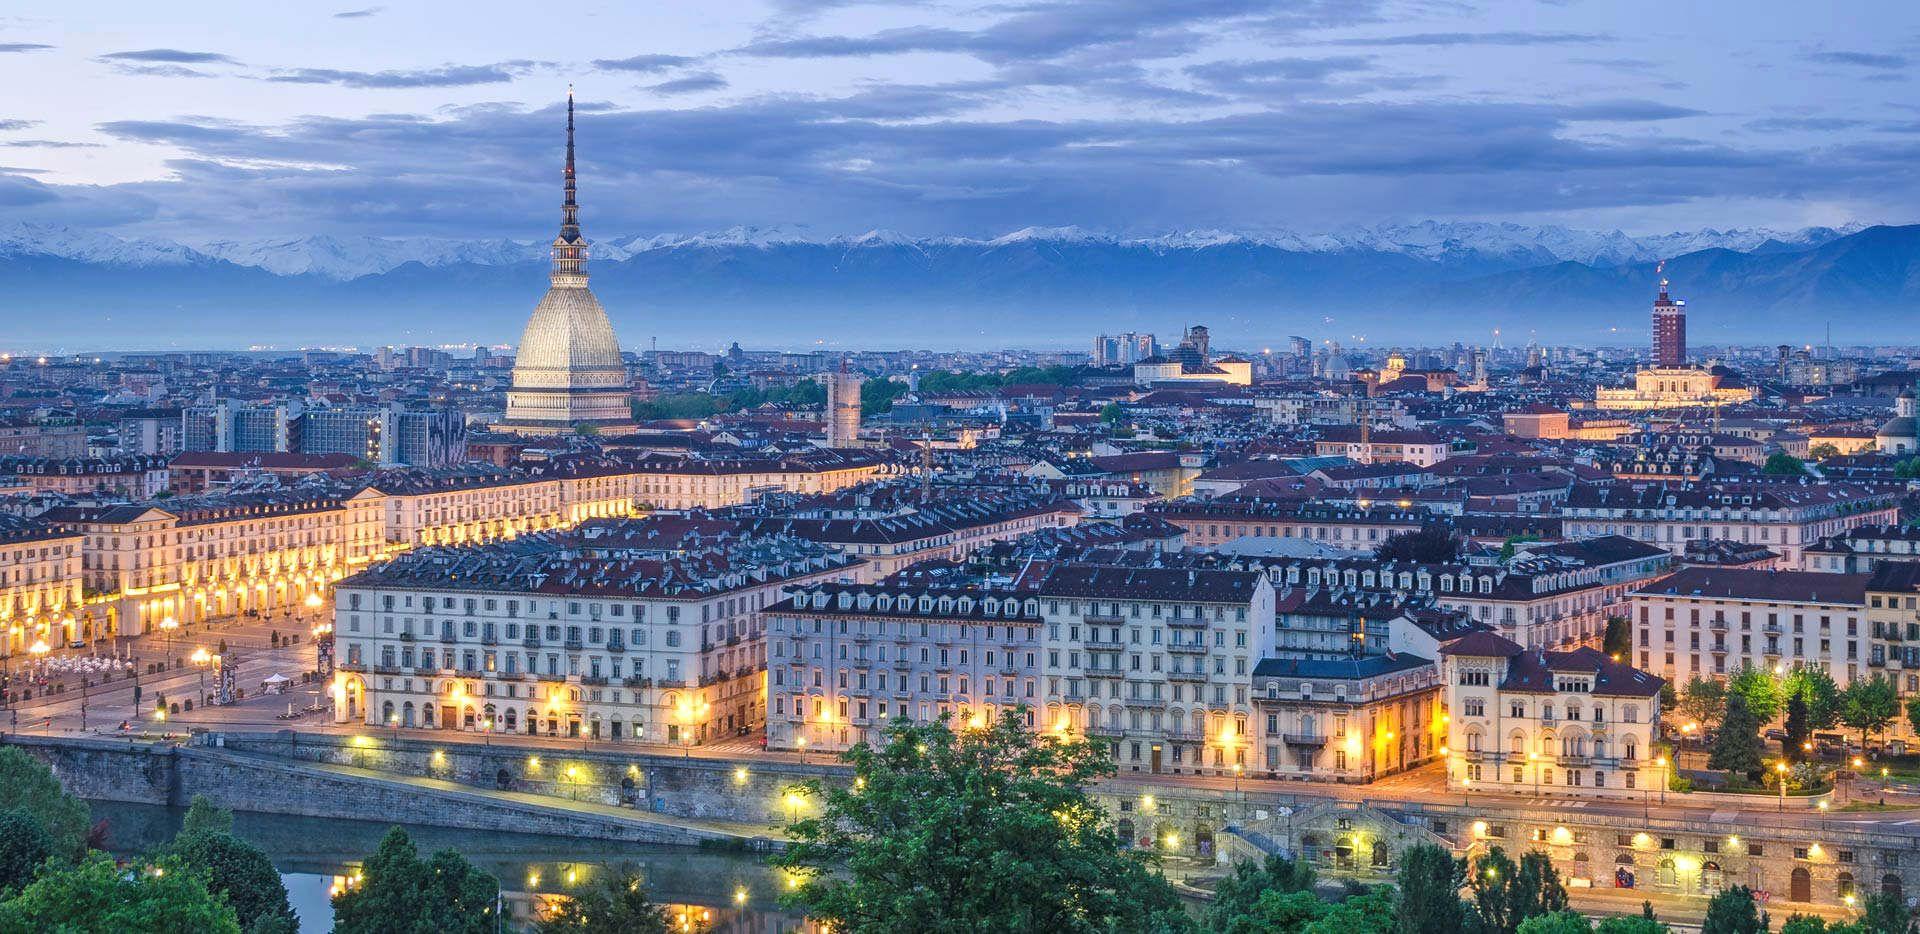 Affitti Torino, dove conviene trovare sistemazione